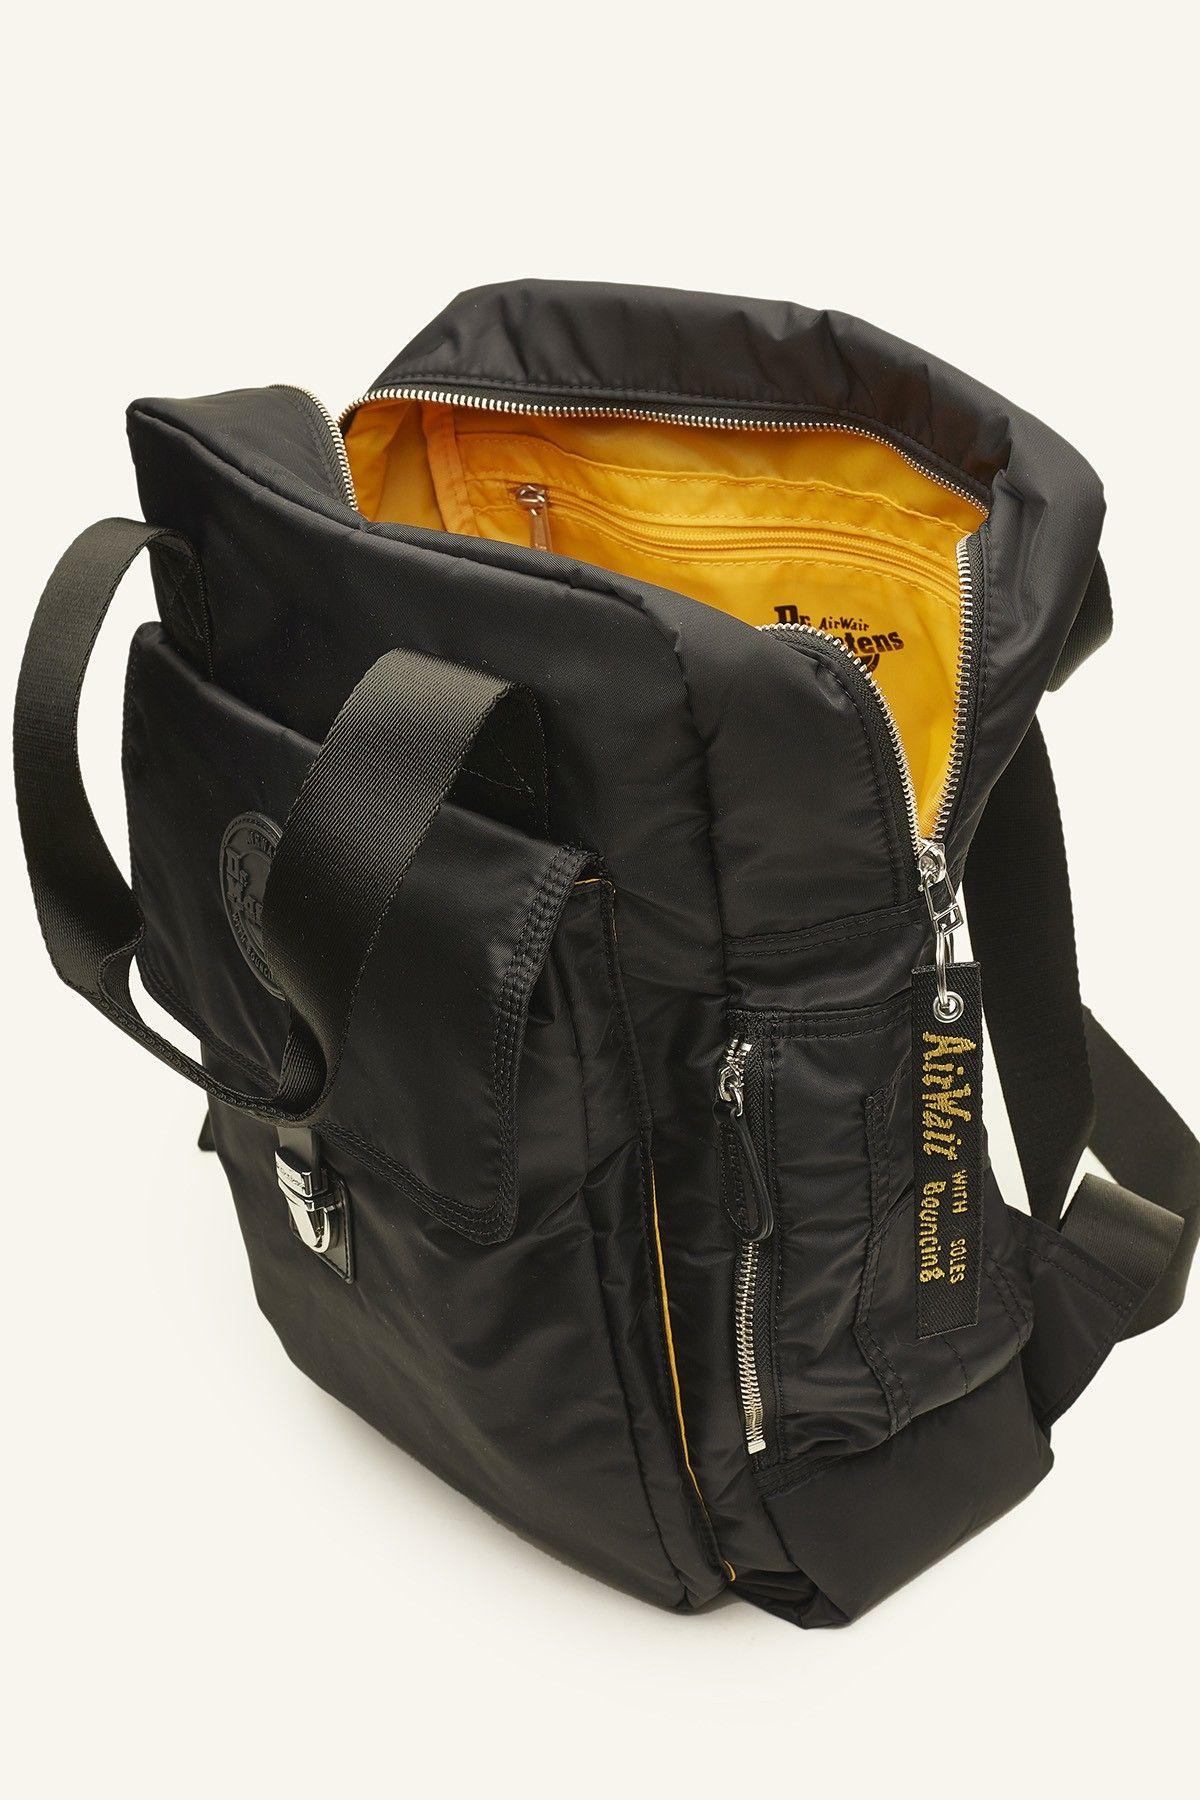 DR MARTENS Flight Backpack Black  924706b7a8241